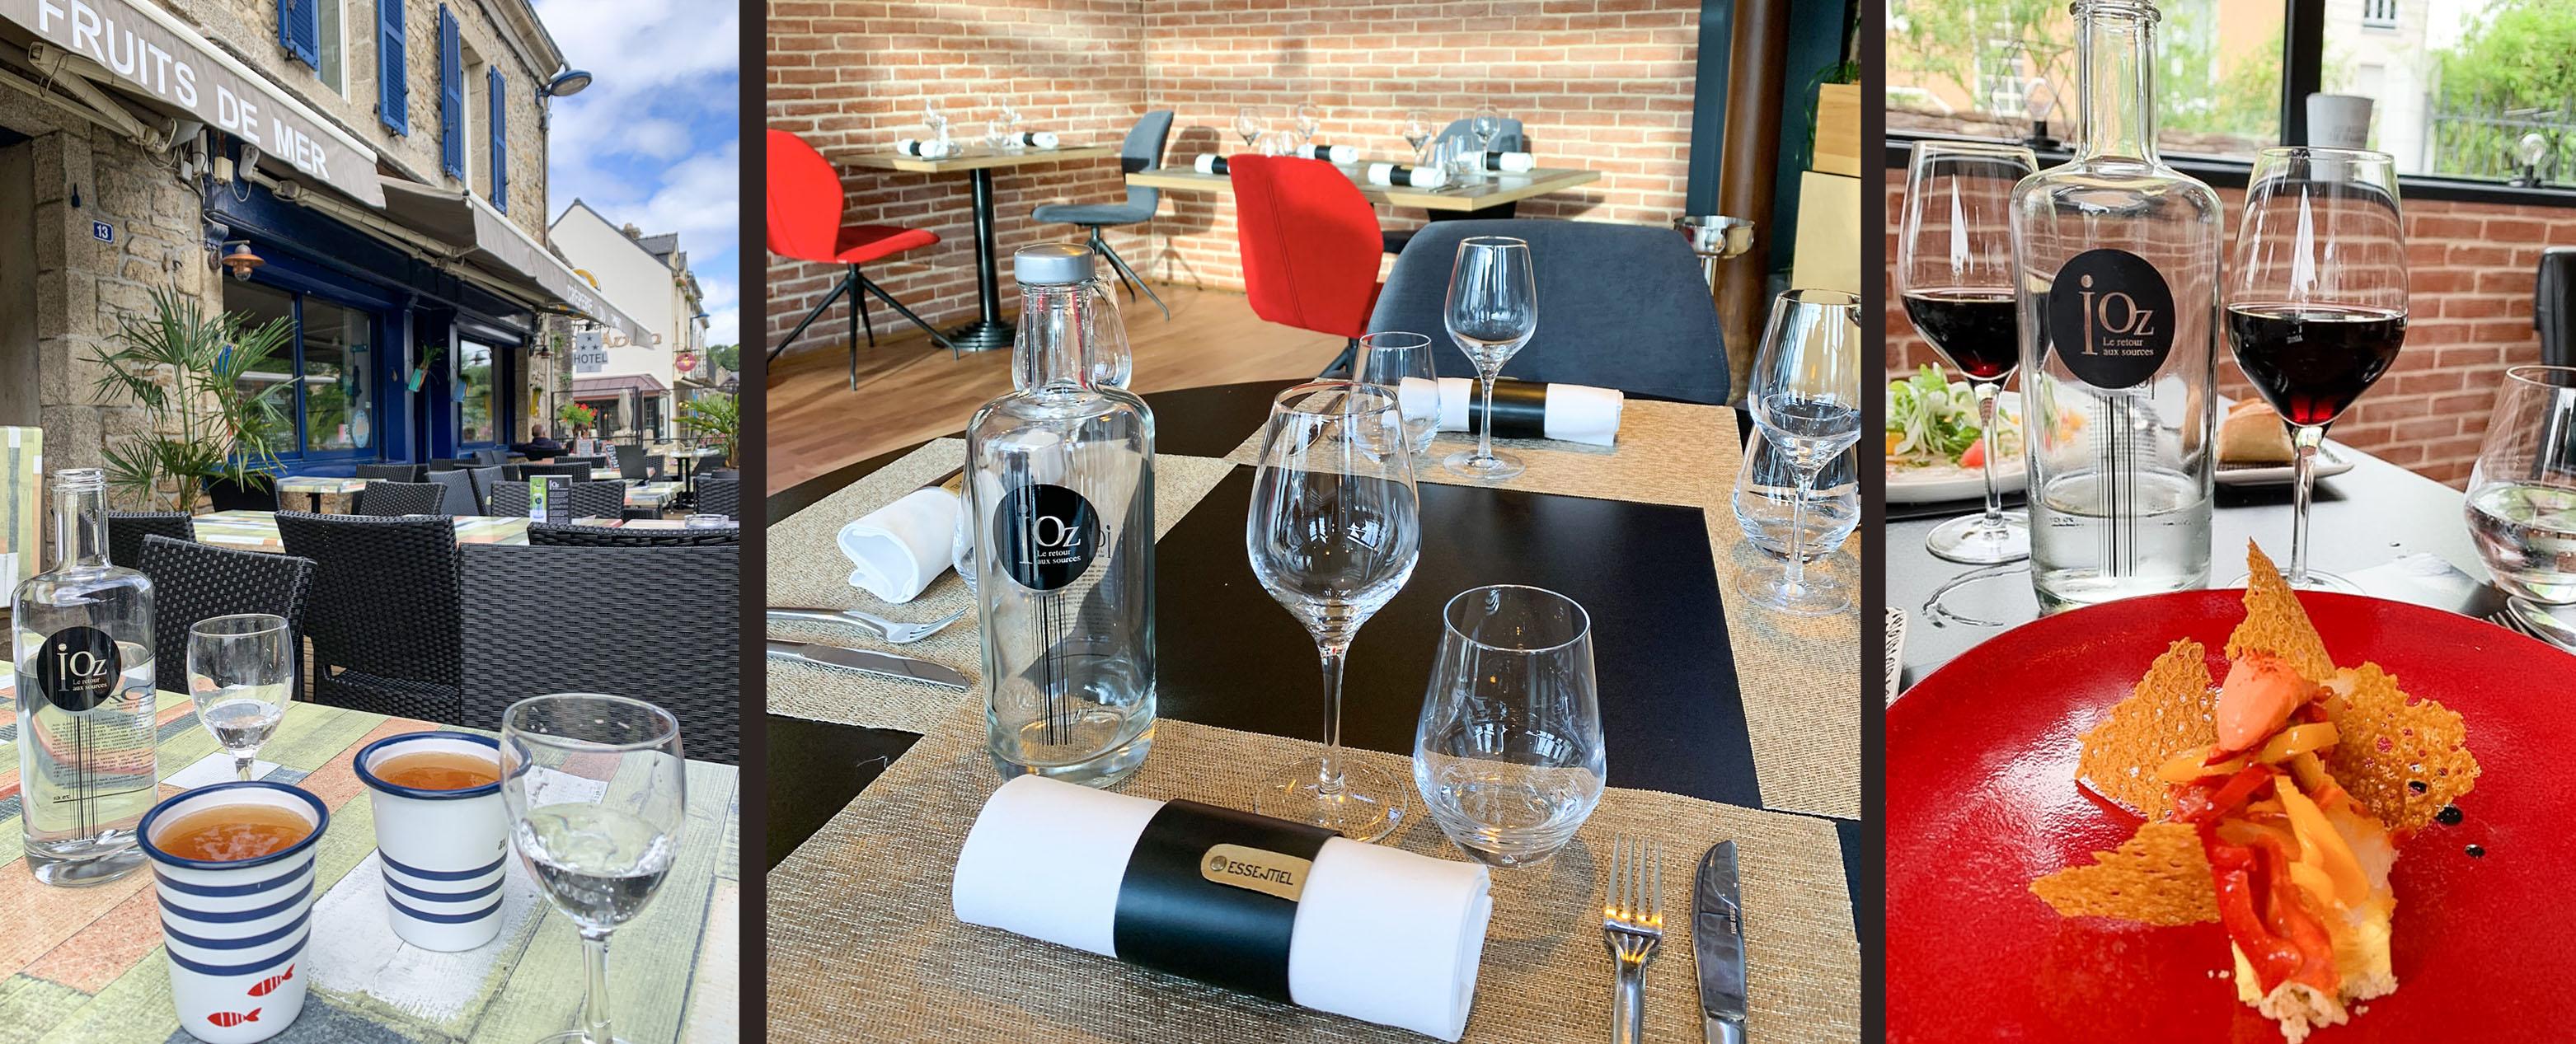 3 photos bouteilles iOz au restaurant en terrasse et à l'intérieur